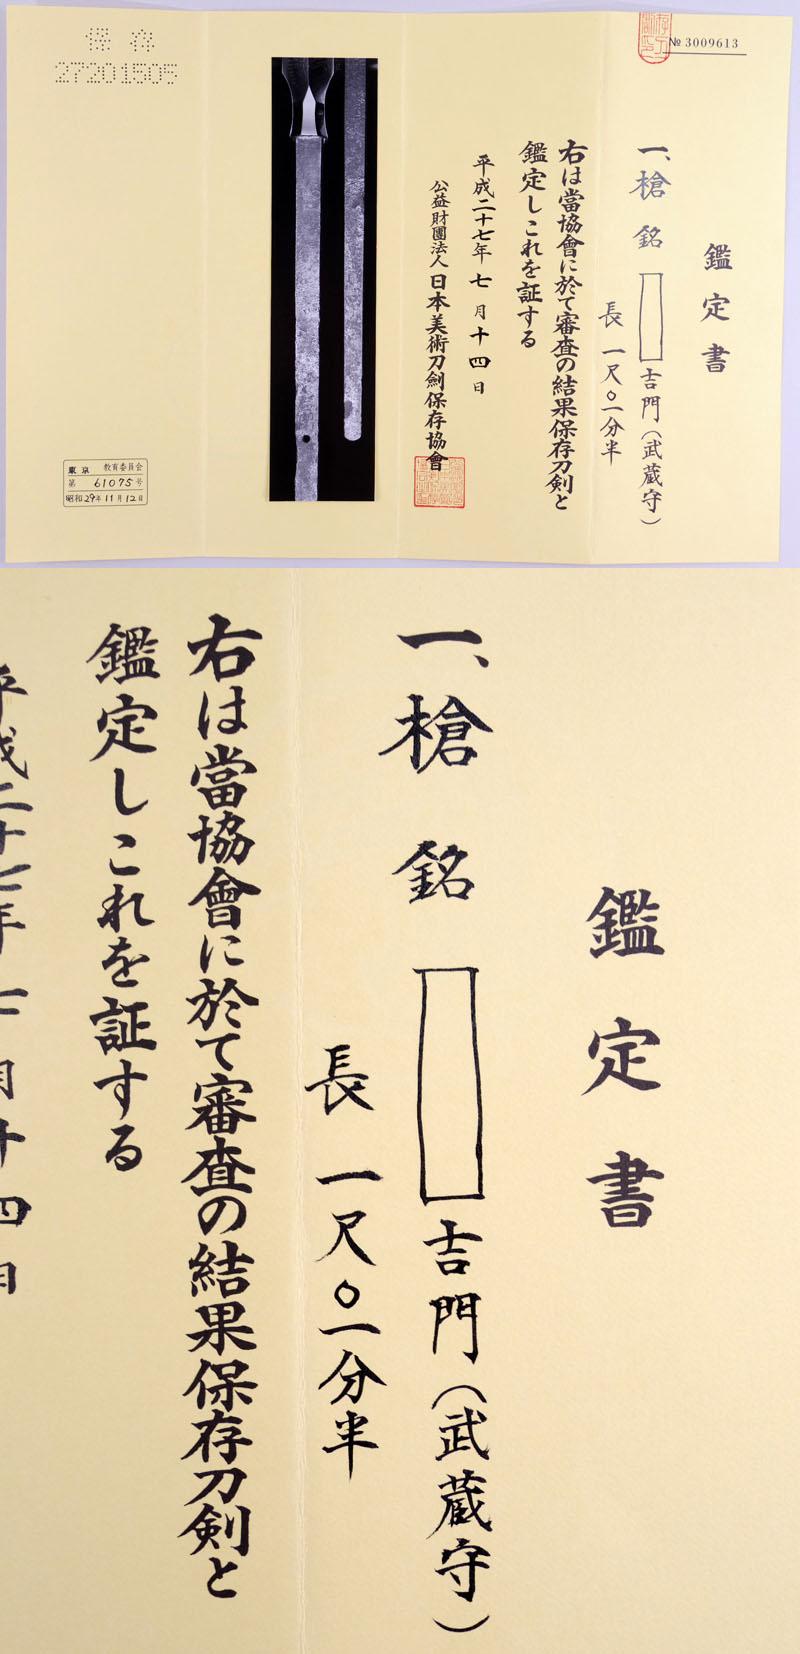 □吉門(武蔵守吉門)鑑定書画像